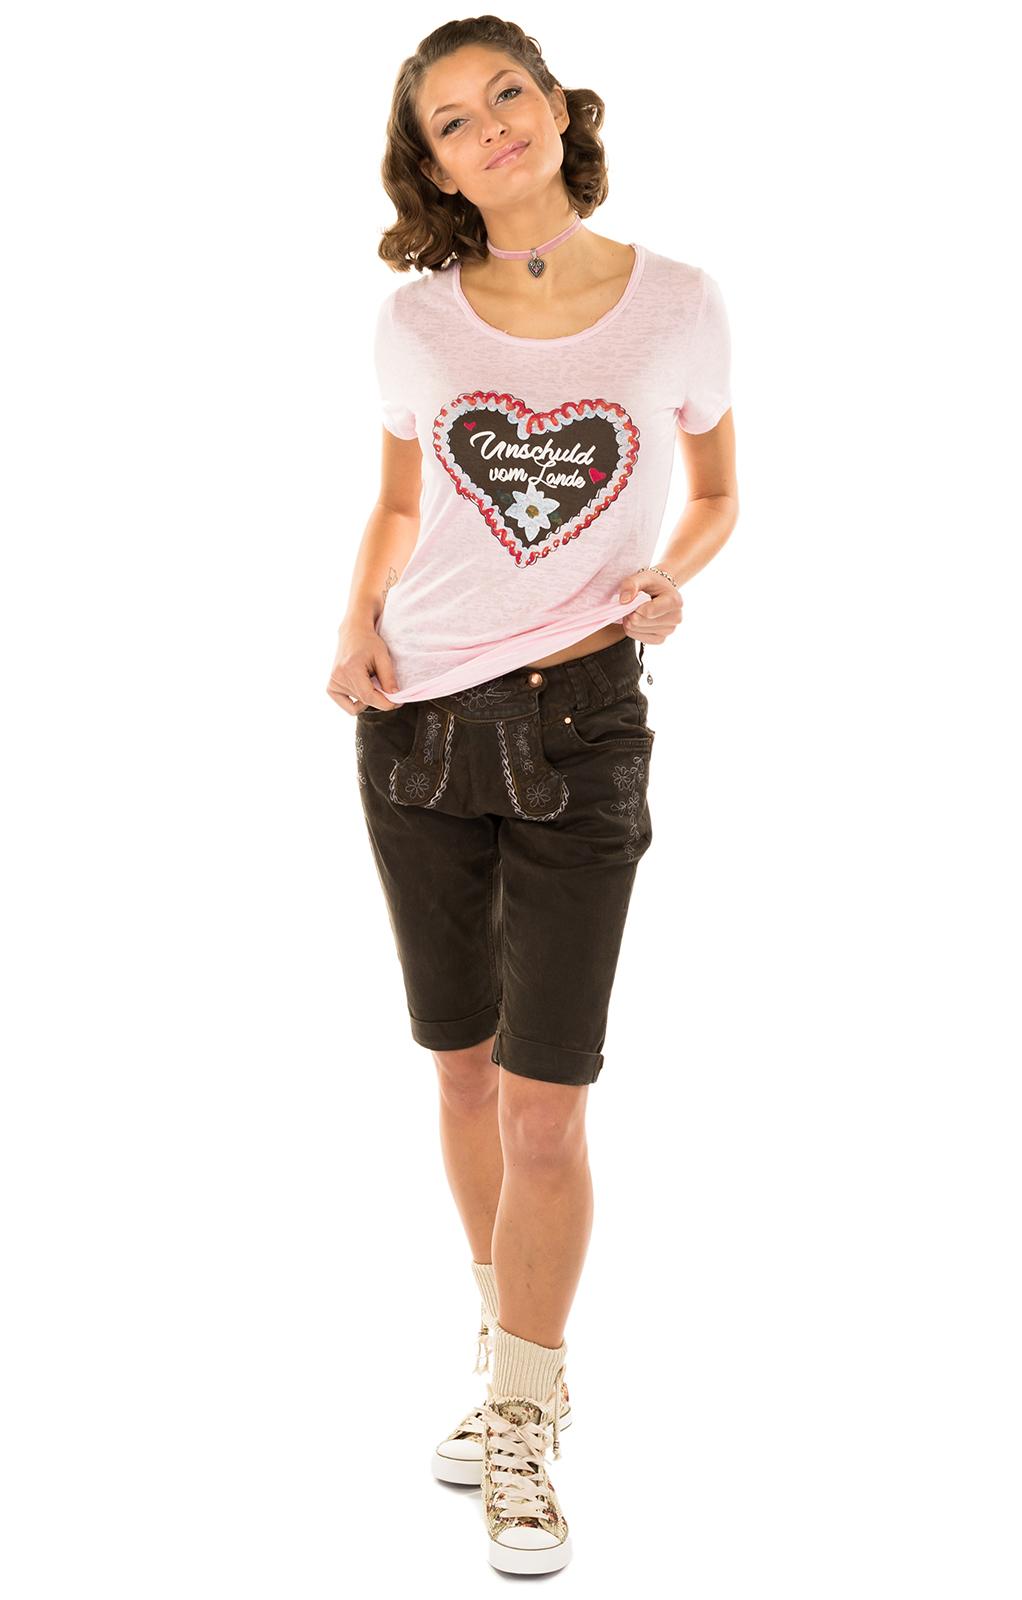 weitere Bilder von Trachten Shirt ANTARESrose